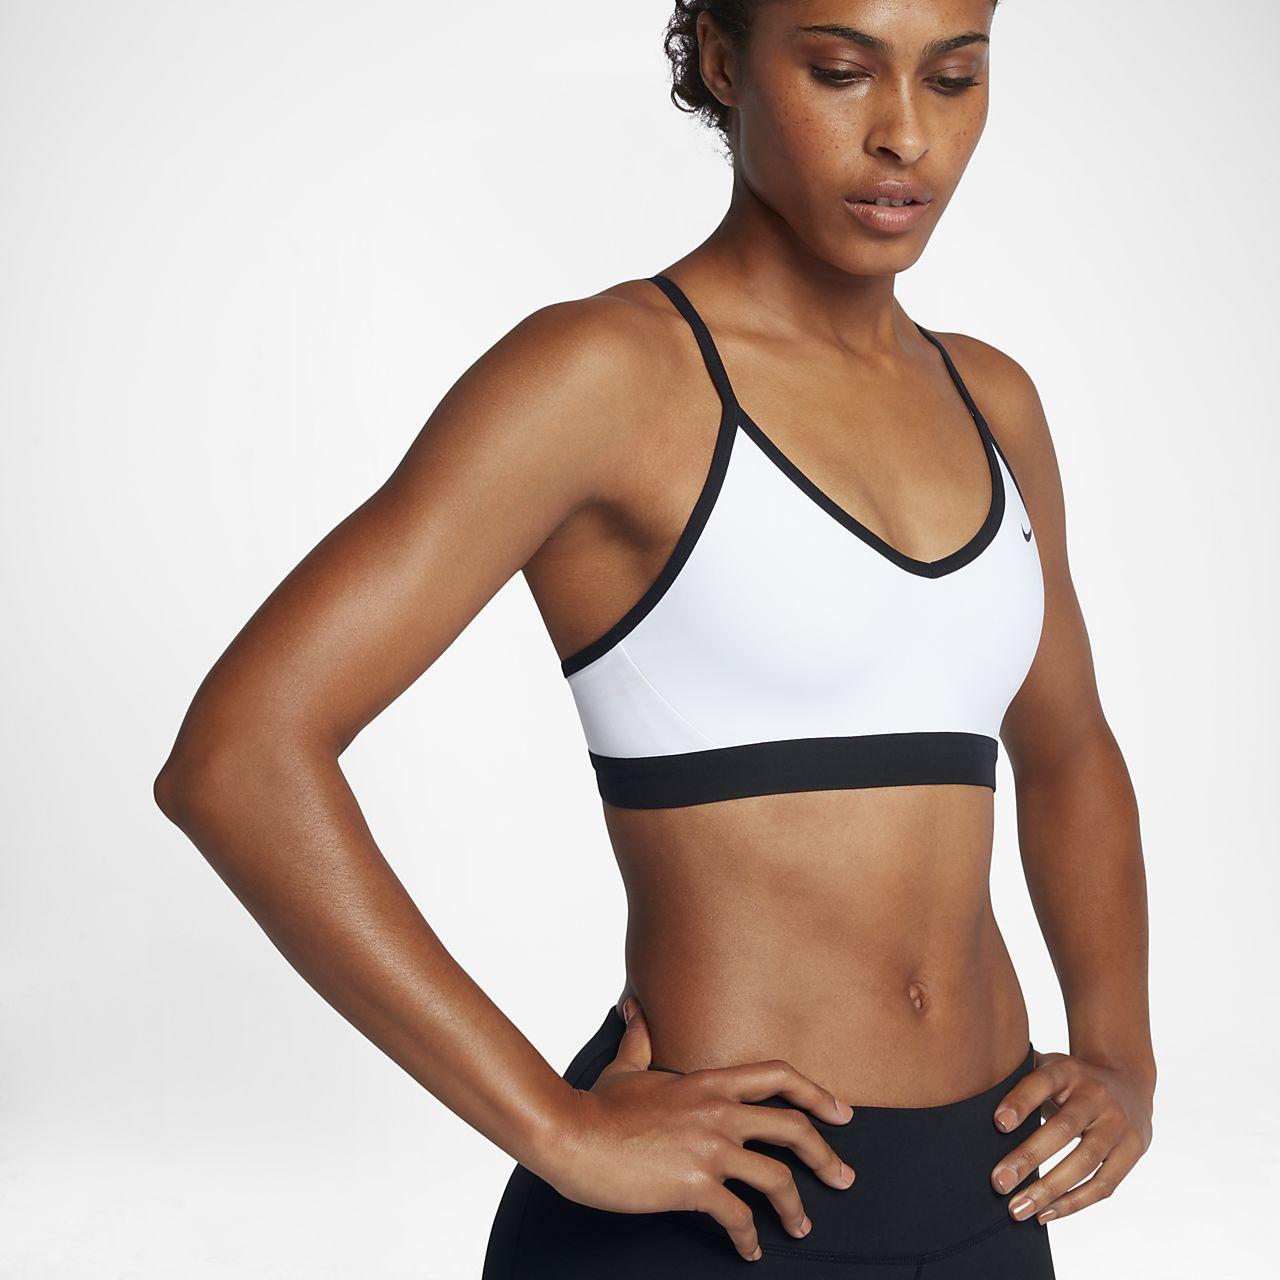 ... Nike Indy Cross Back Women's Light Support Sports Bra